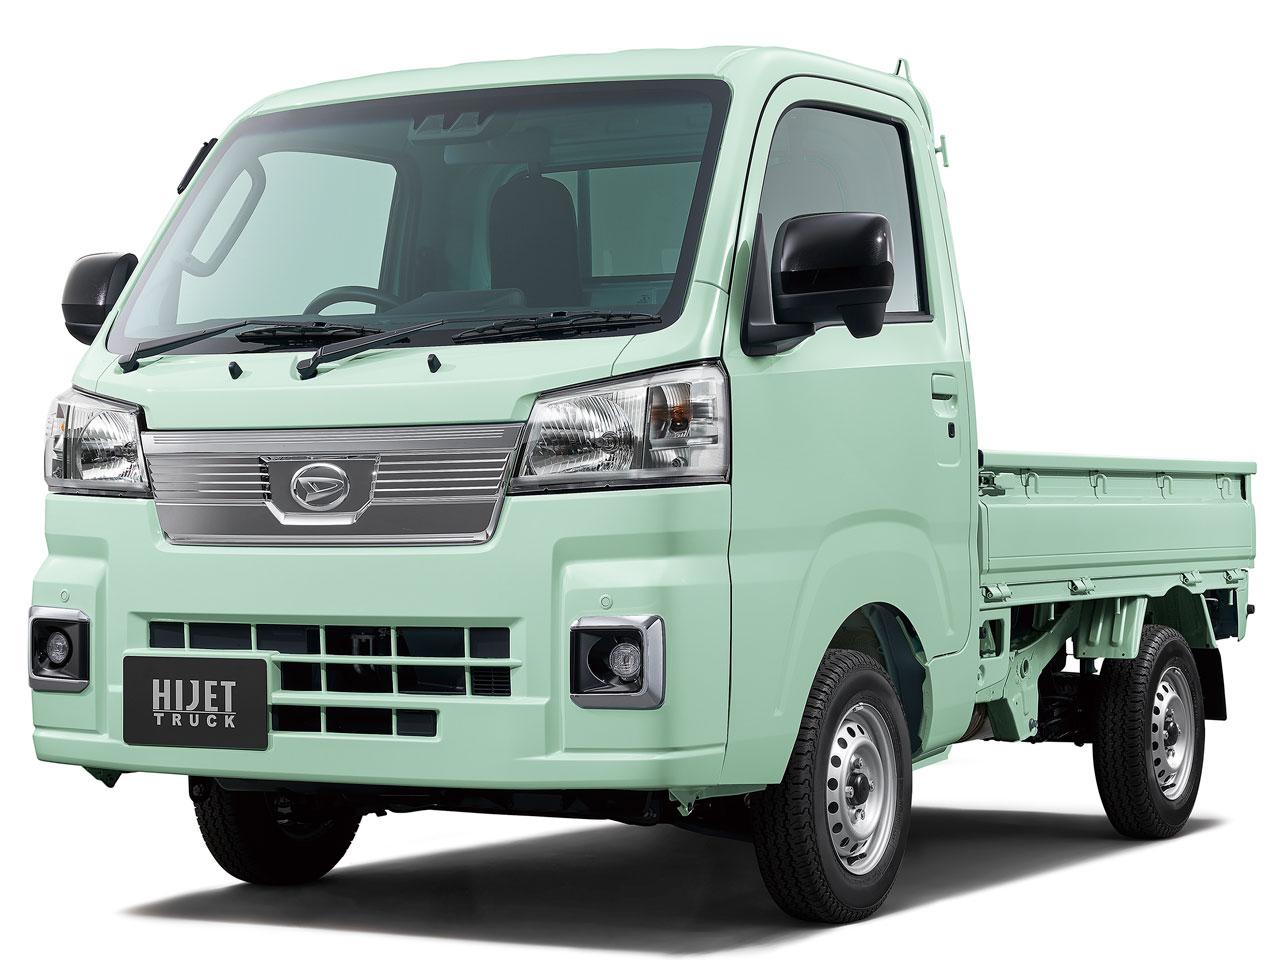 ダイハツ ハイゼット トラック 2014年モデル 新車画像